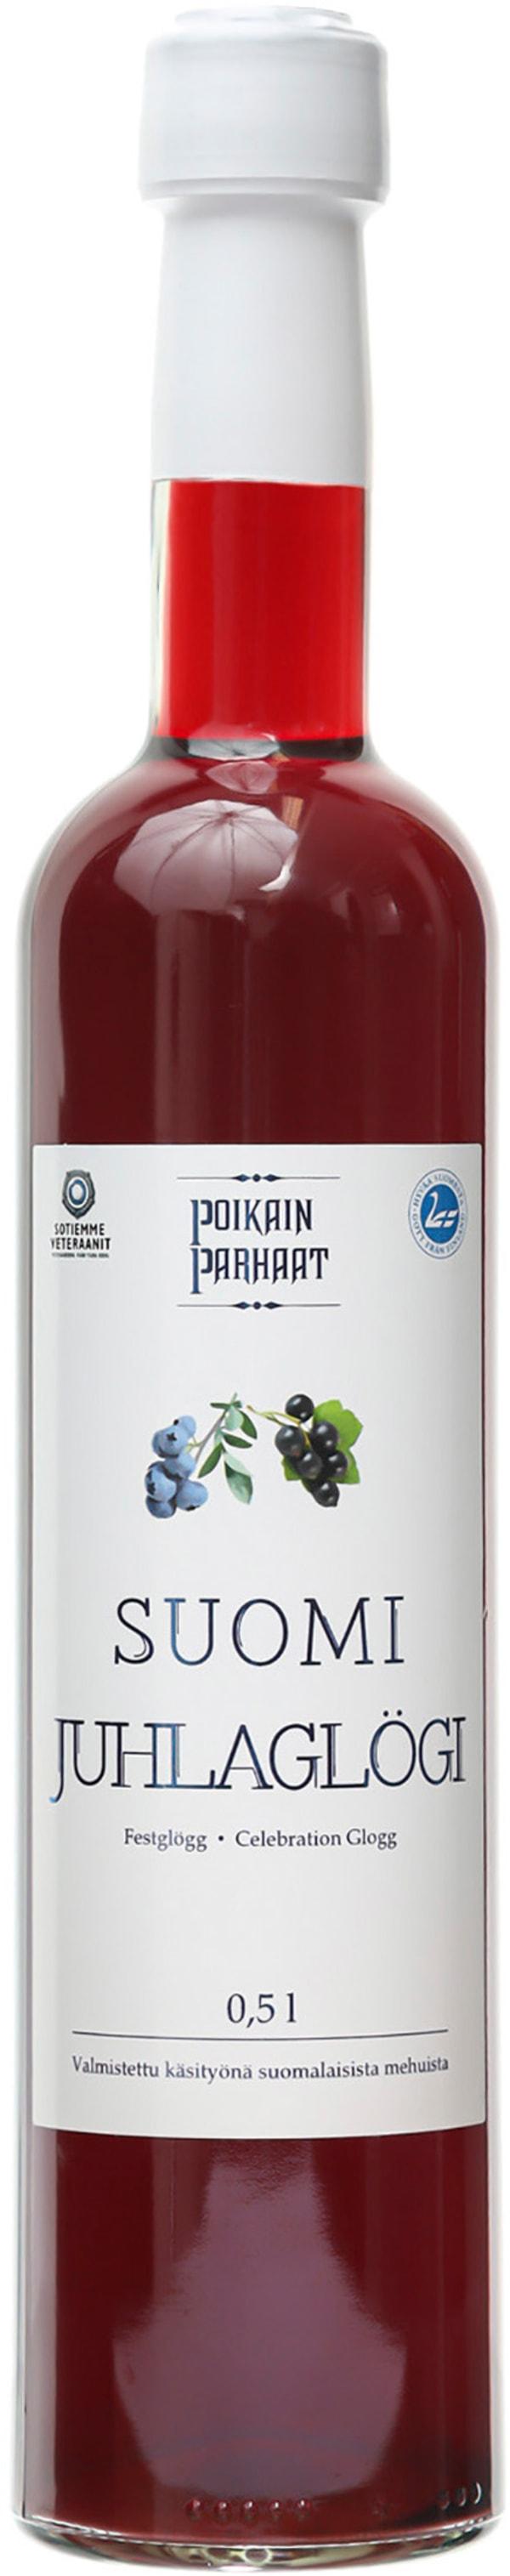 Poikain Parhaat Suomi Juhlaglögi